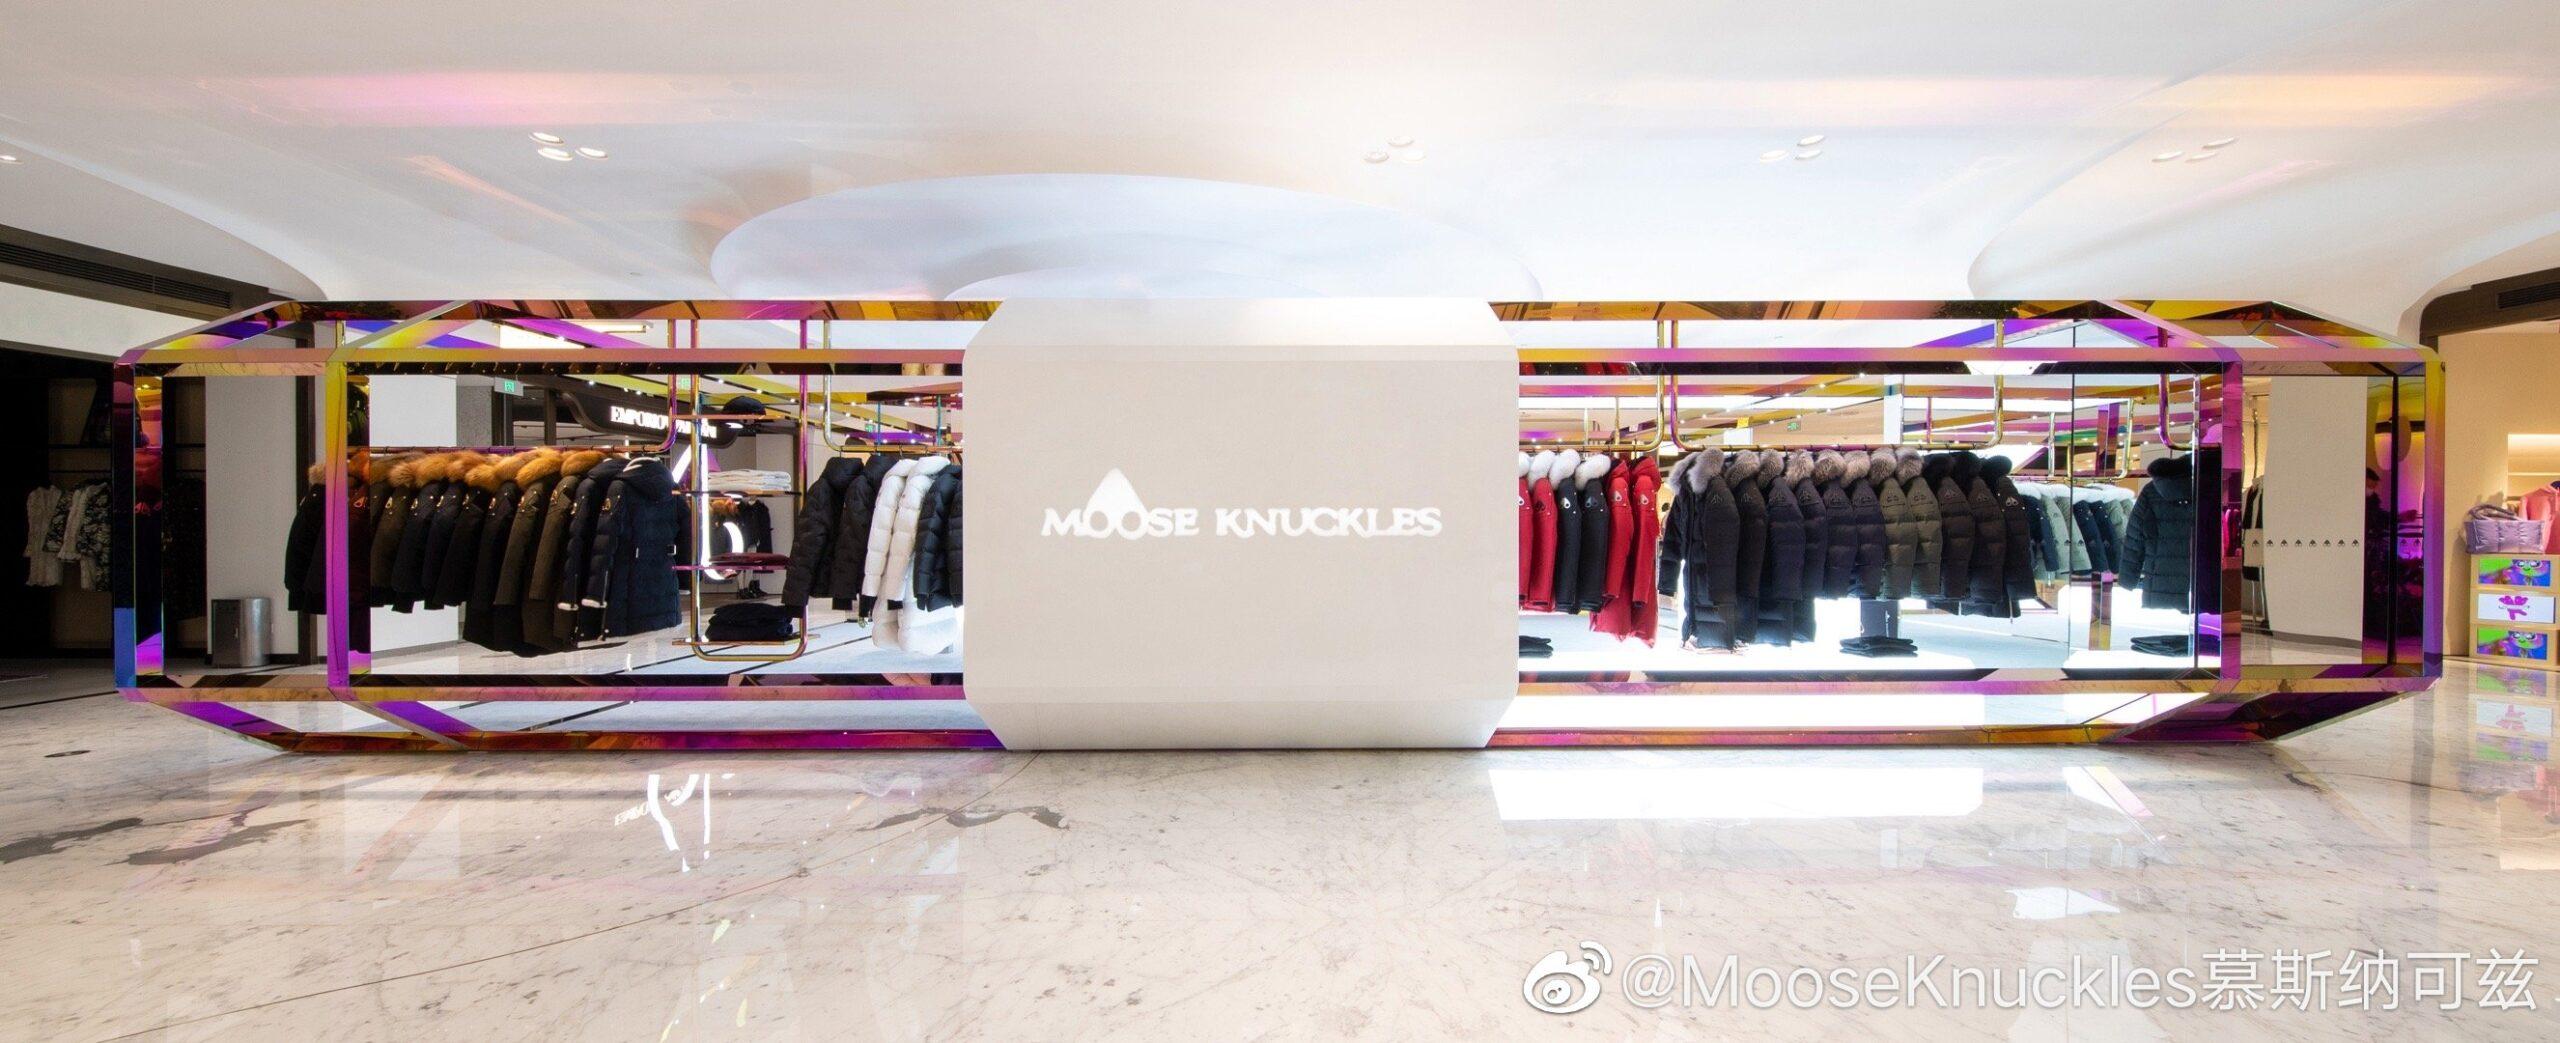 Moose Knuckles Pop Up Sep 12th – Feb 28th Beijing /Hangzhou – 9